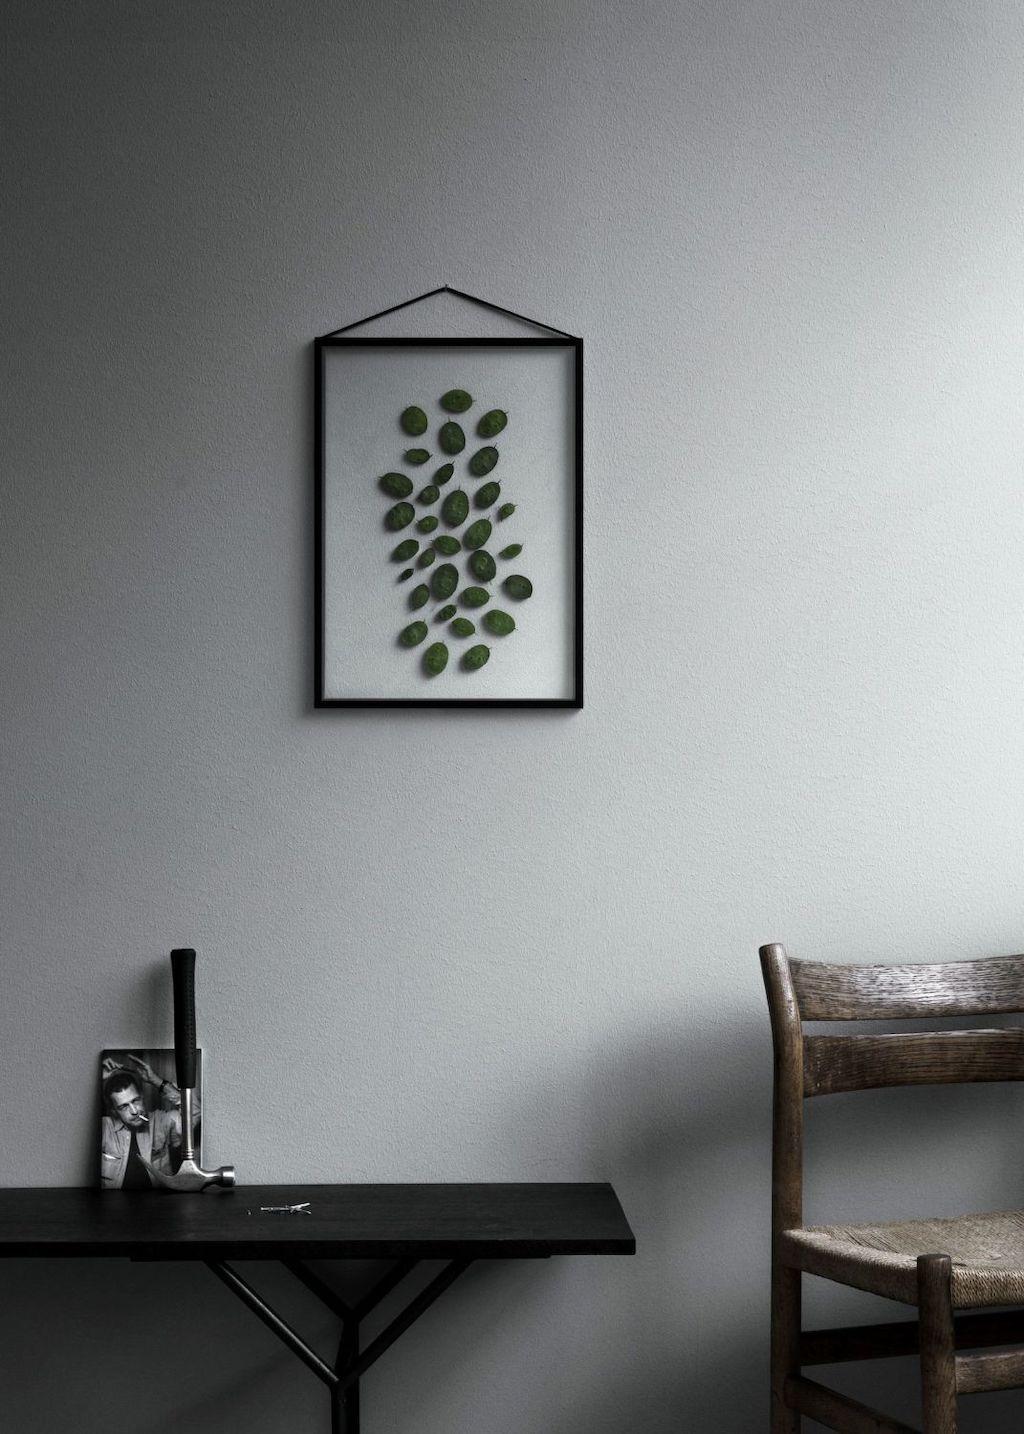 Rahmen von Moebe hängt an grauer Wand